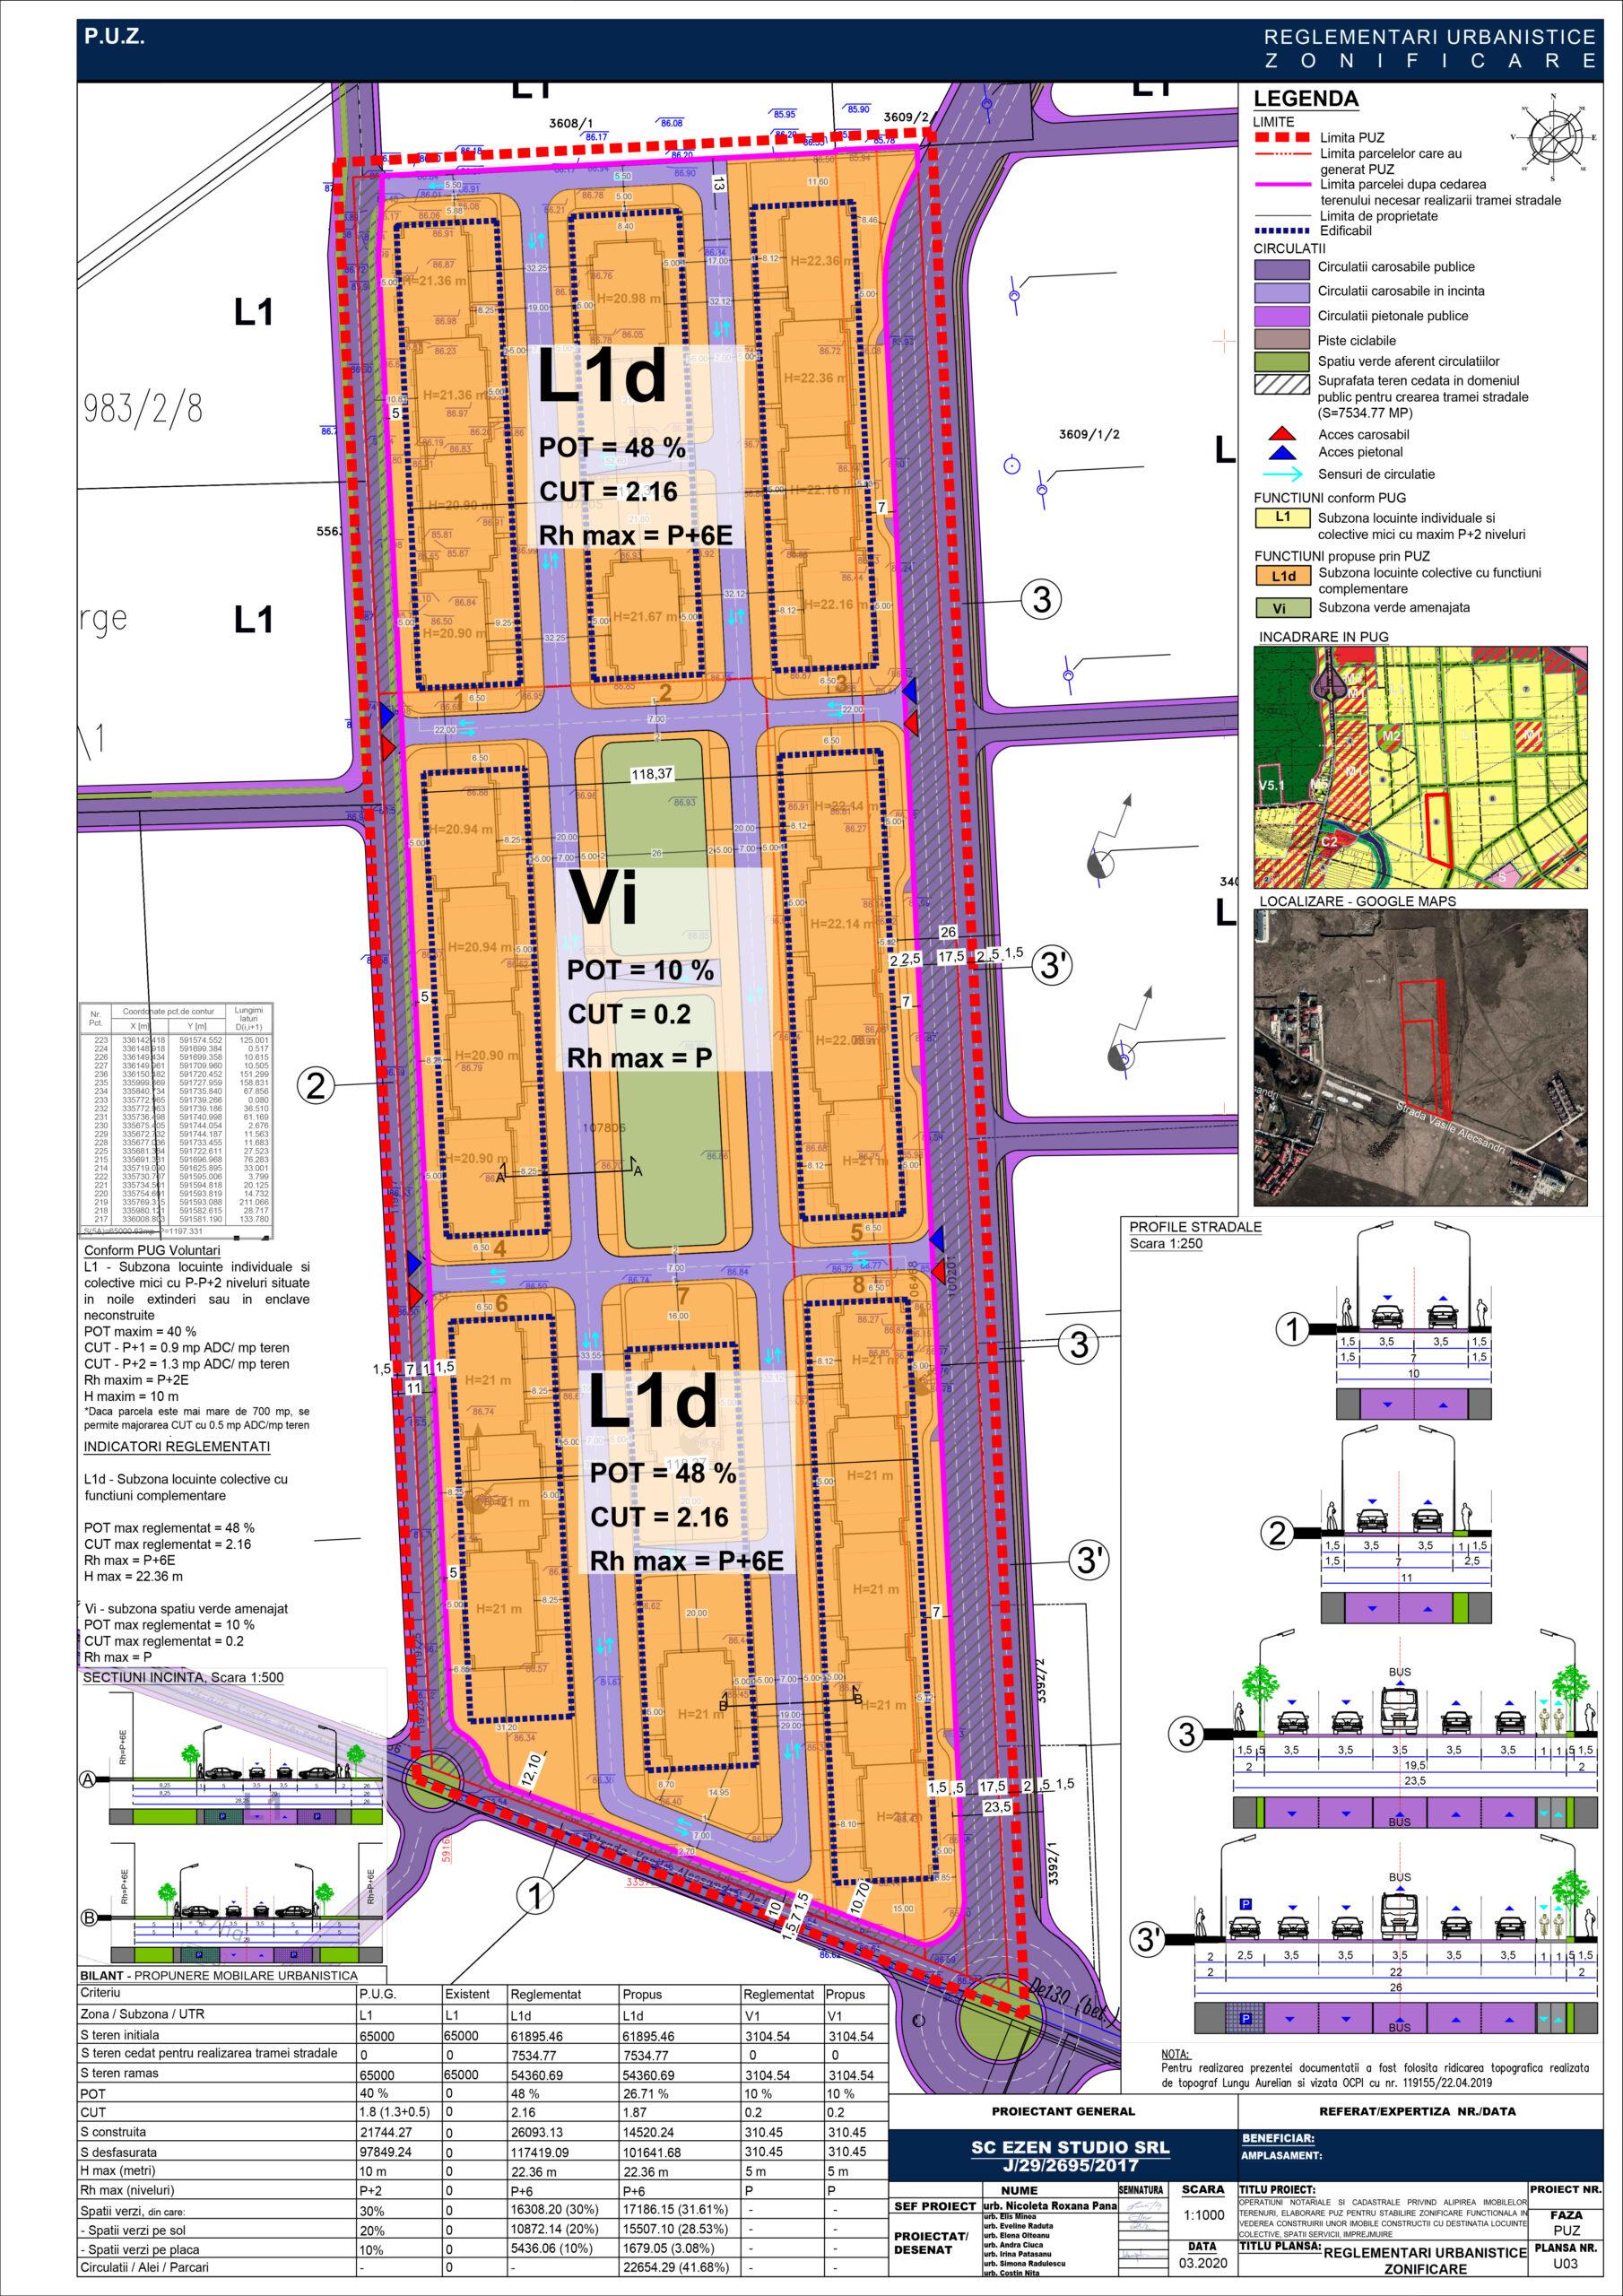 Elaborare PUZ pentru stabilire zonificare funcțională în vederea construirii unor imobile construcții cu destinația locuințe colective, spații servicii, împrejmuire - U03 - Reglementări urbanistice